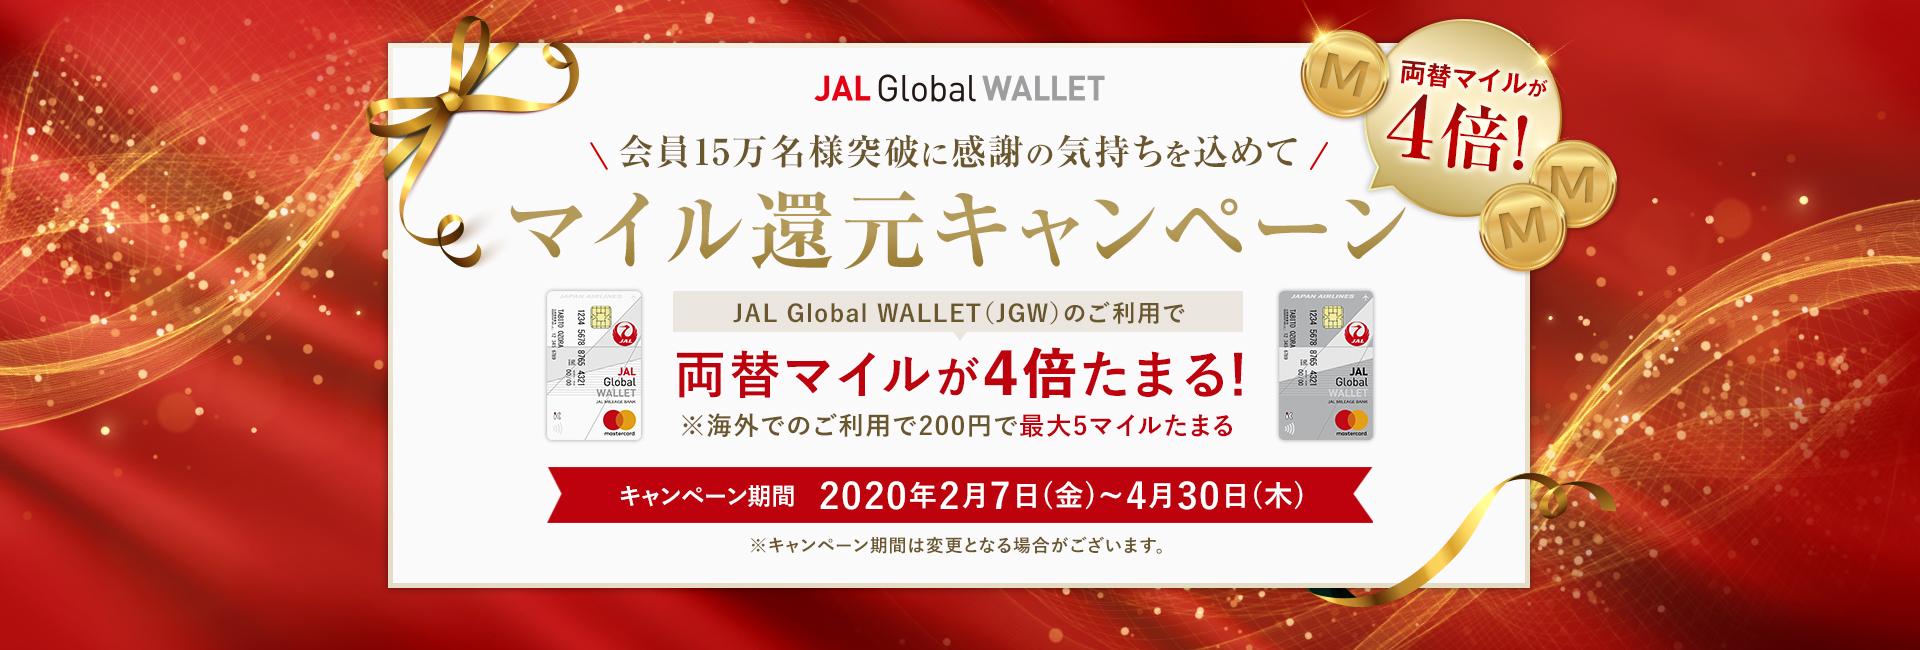 JAL Global Walletで両替マイルが4倍貯まる。こういうのは利用しないほうがお得。~4/30。